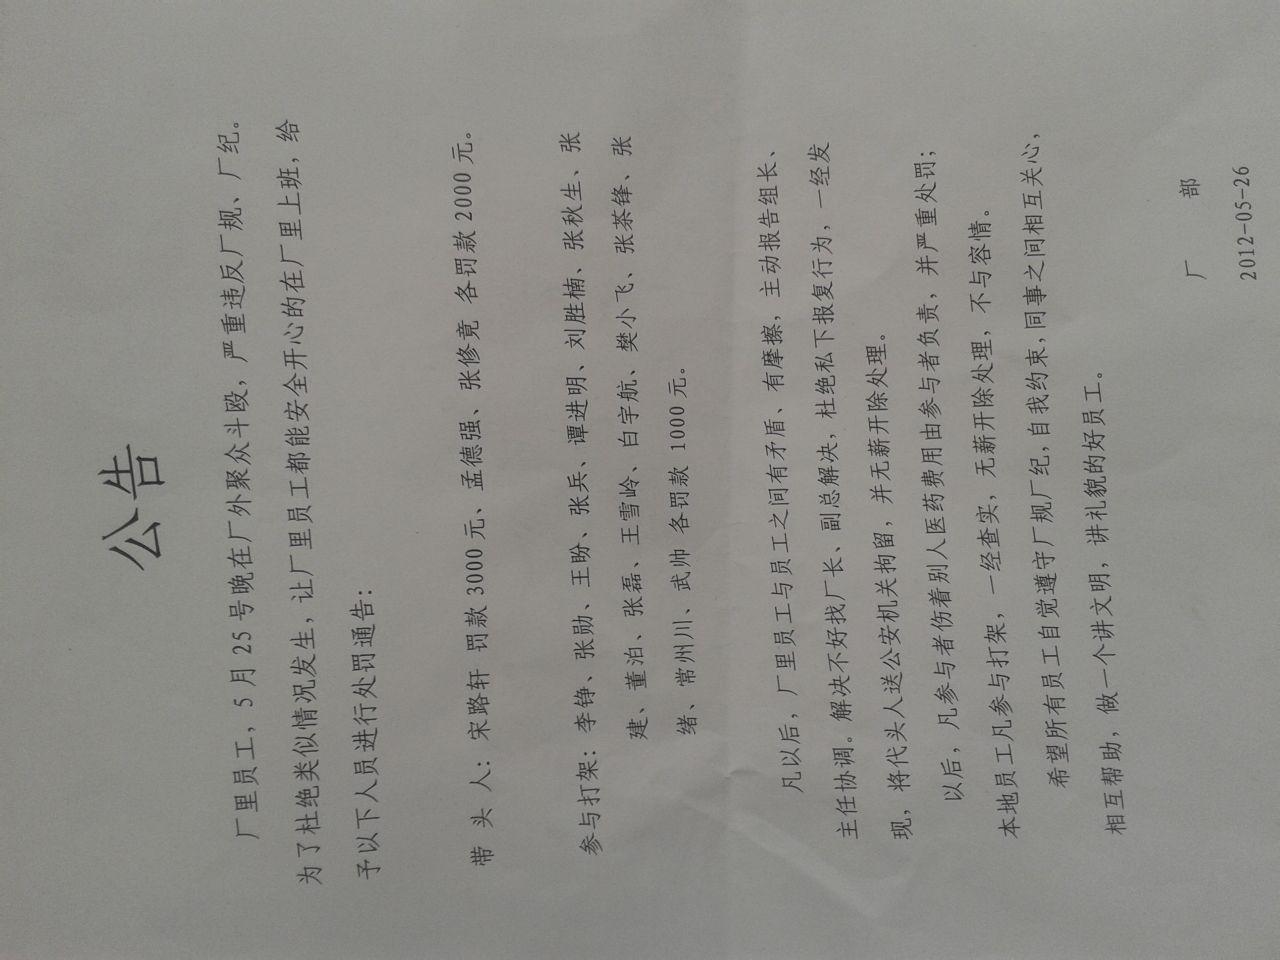 邯郸黑社会打架相片图片_邯郸黑社会打架相片图片 ...